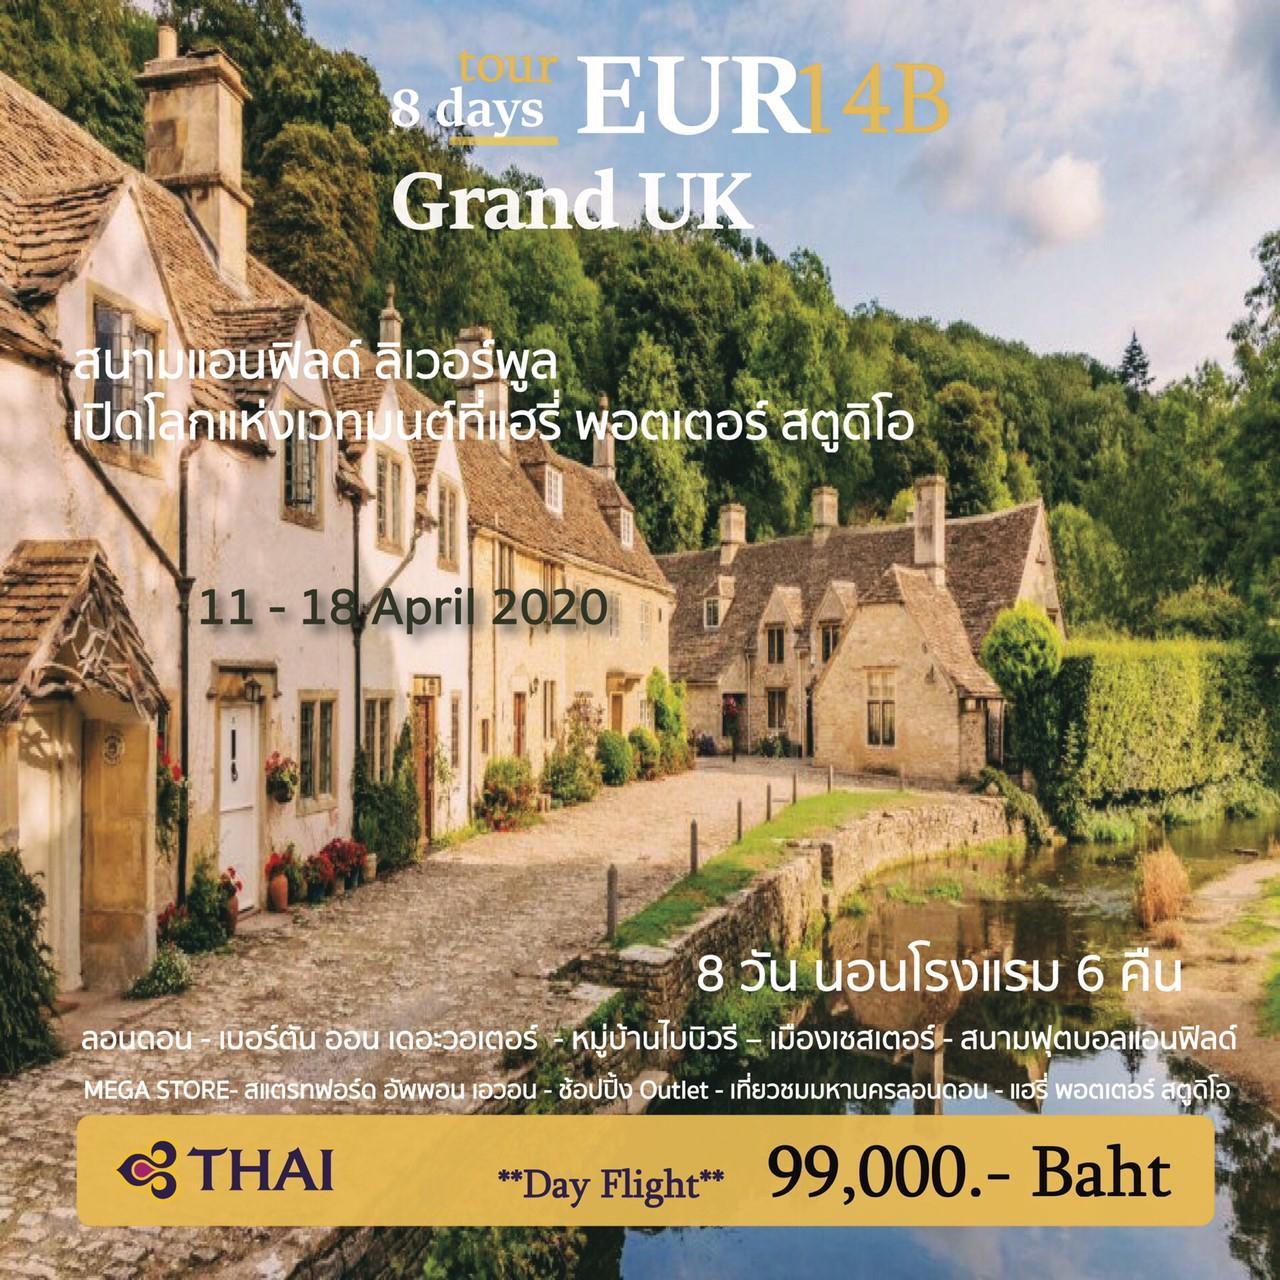 ทัวร์ยุโรป-Grand-UK-อังกฤษ-8วัน-6คืน-(11-18-April'20)(EUR_14B)(TG)